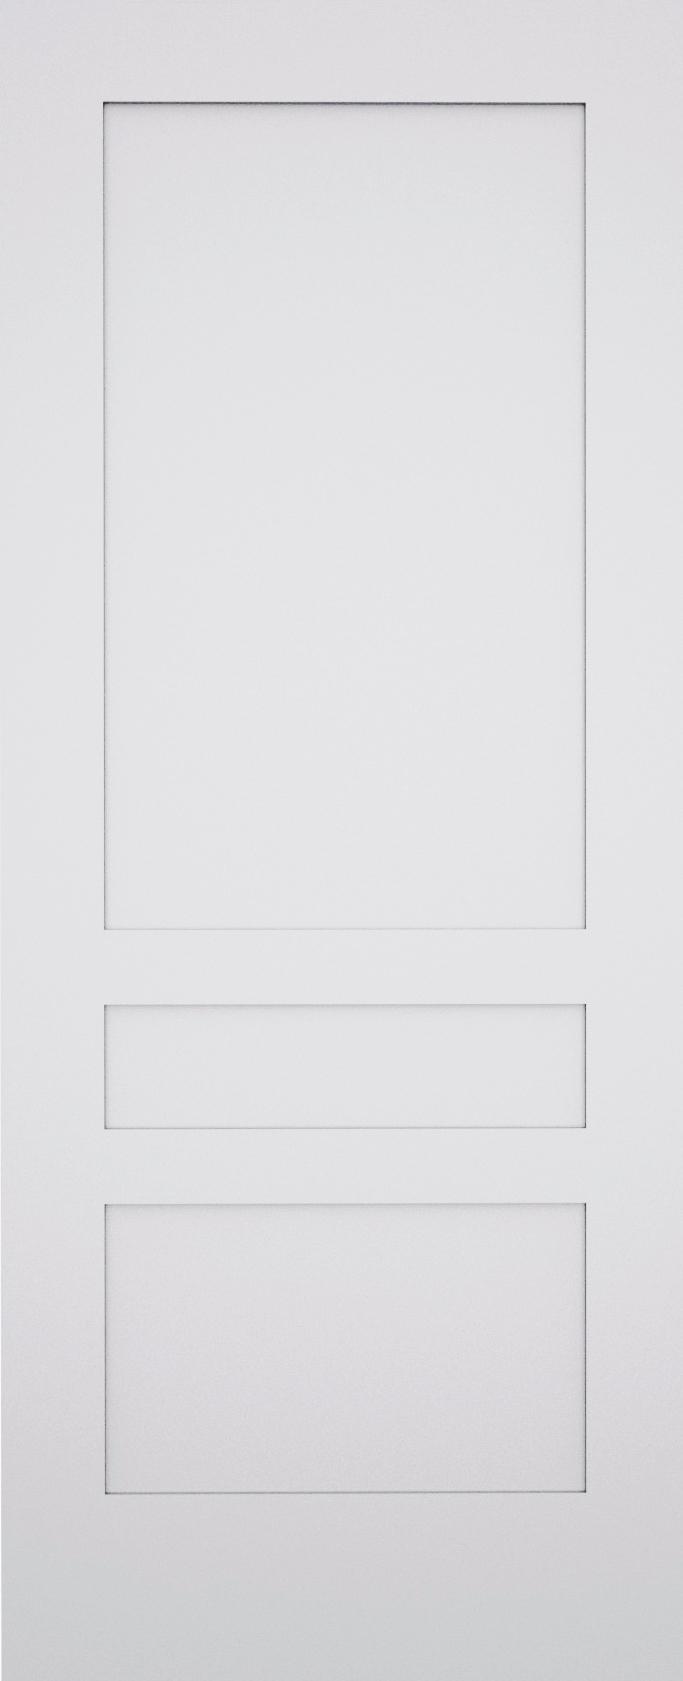 Kesh Shaker 3 Panel Fire Door